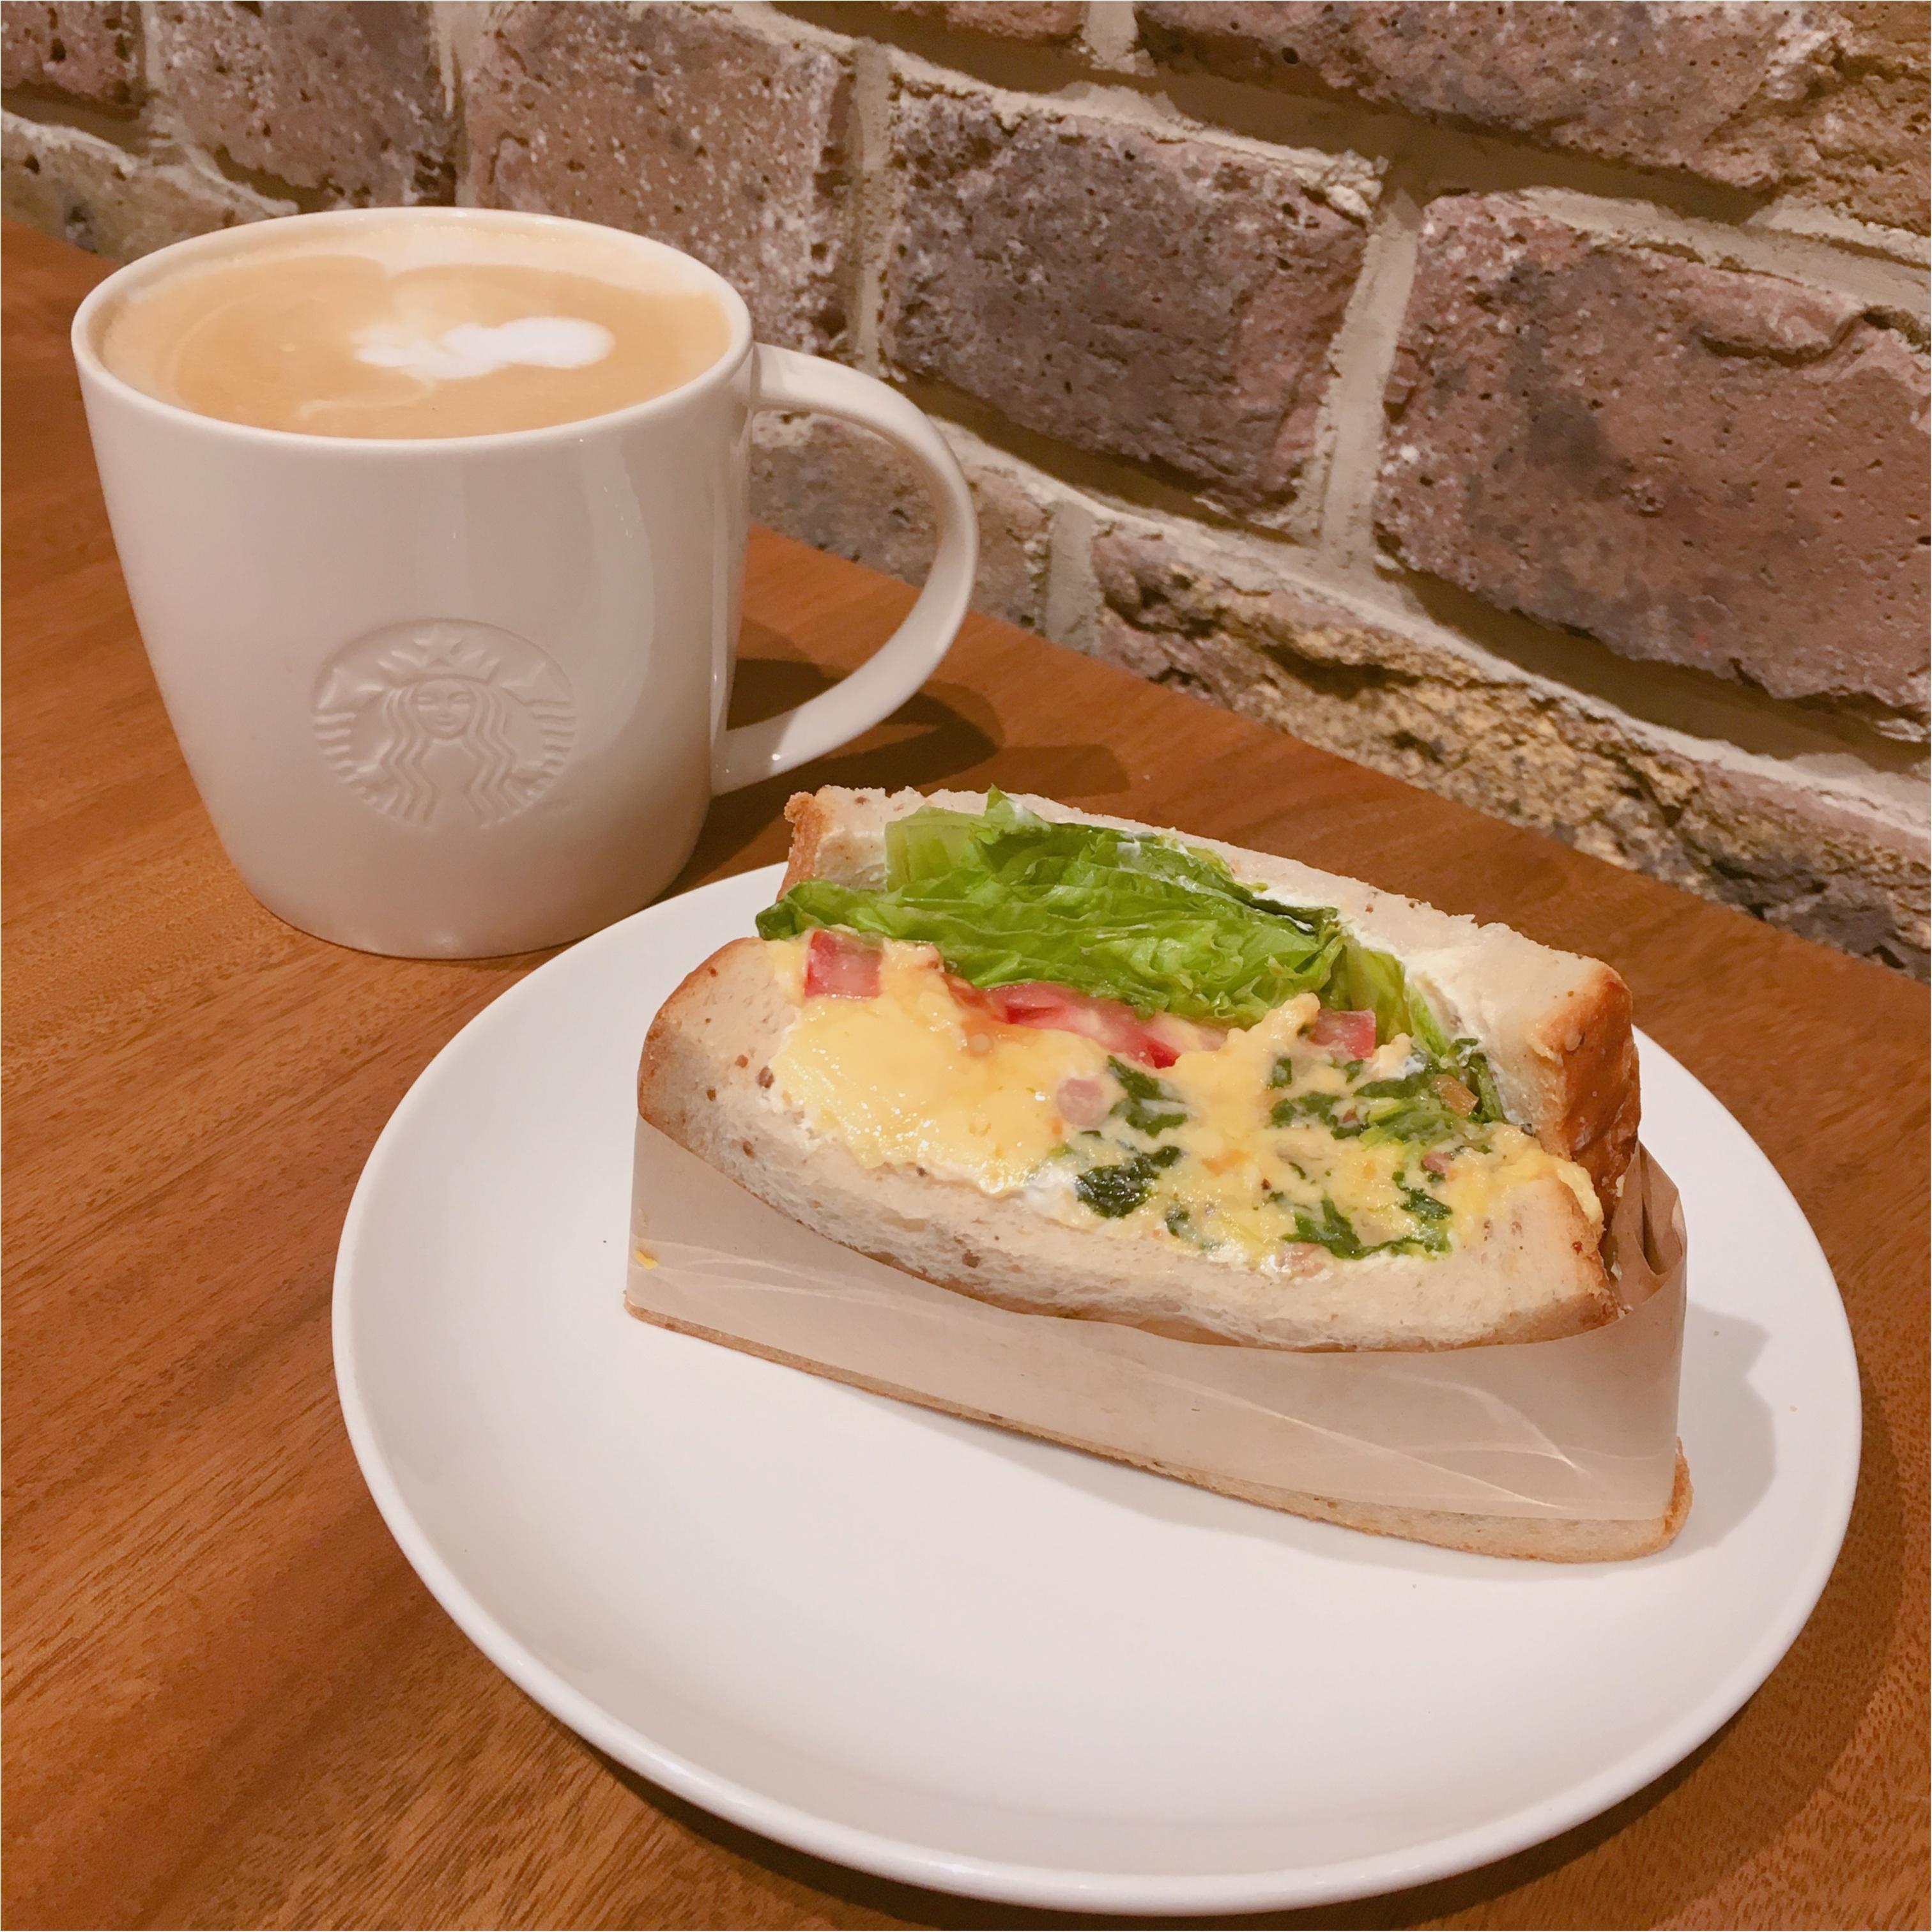 コーヒーだけじゃない!ボリュームたっぷり♡スターバックス美味しいサンドウィッチ♡ 6月14日から発売の新作フラペチーノの情報も♡_1